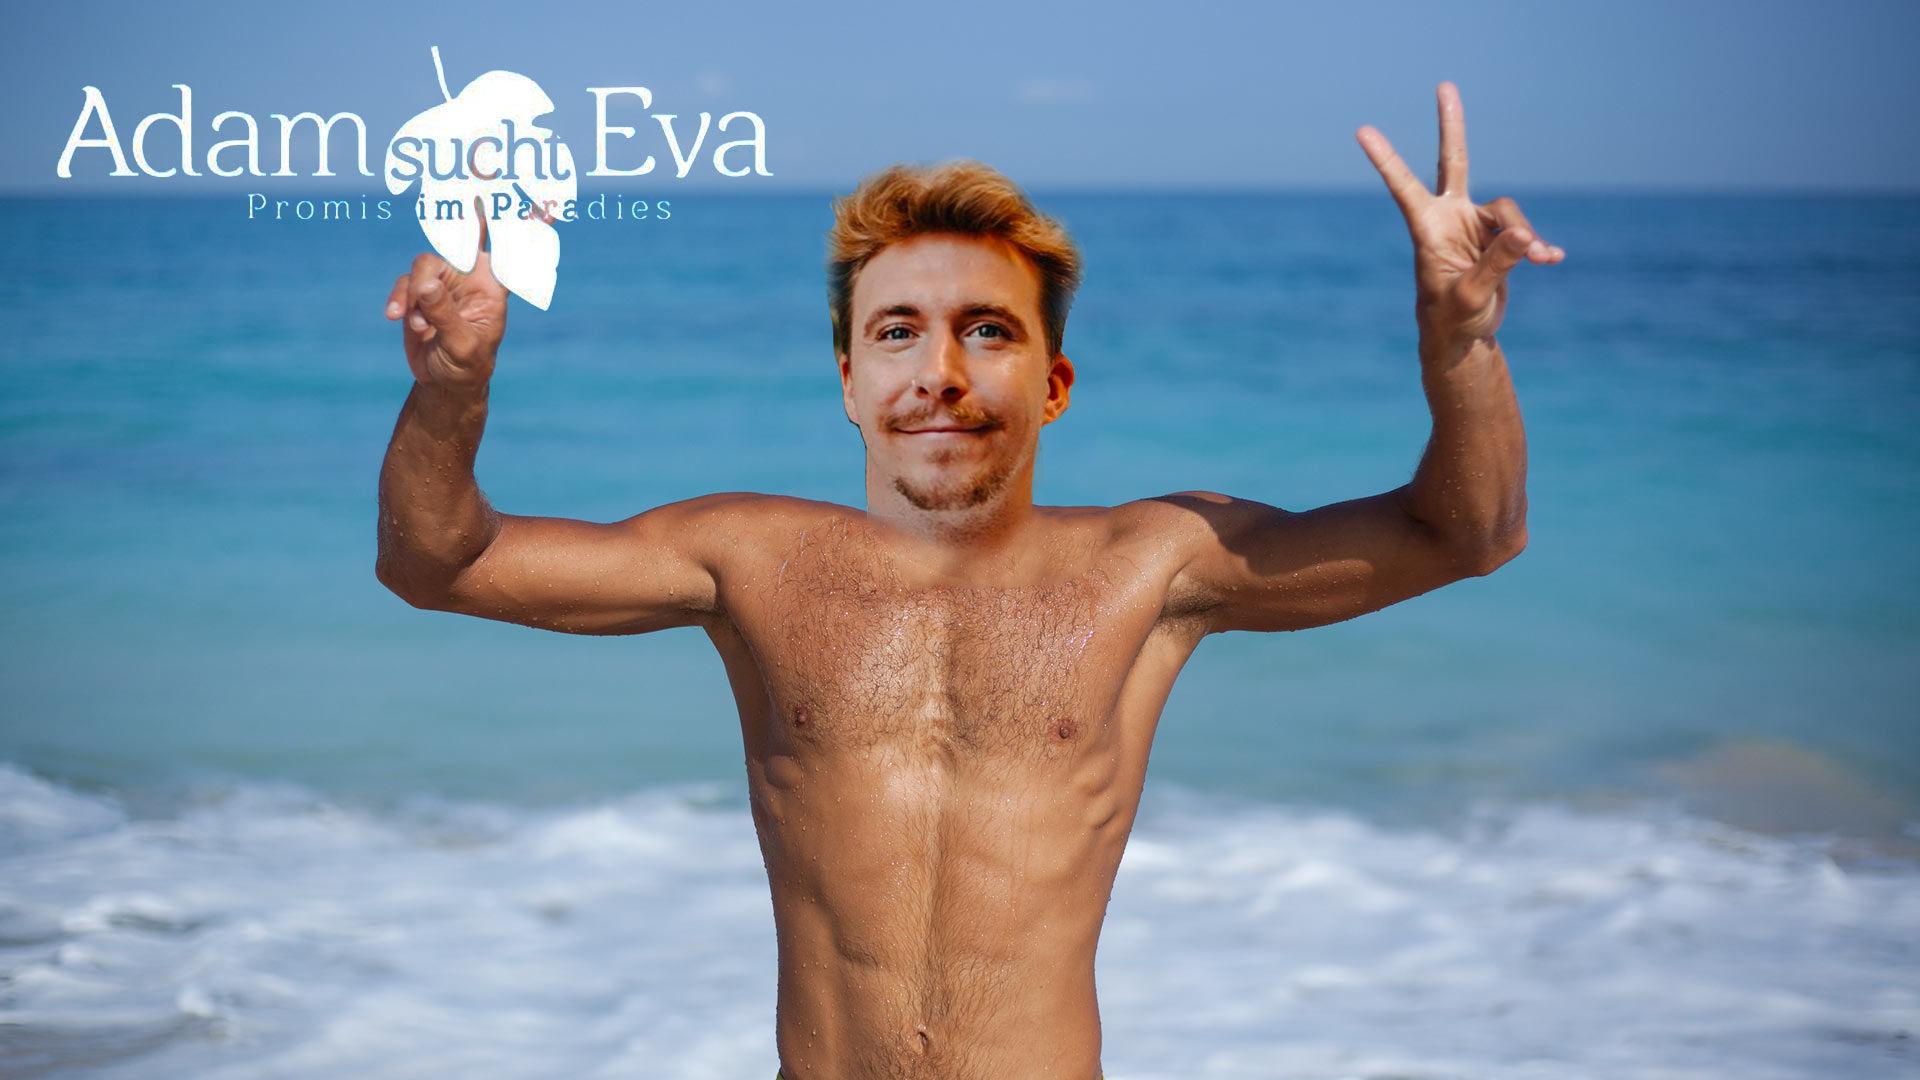 Eskimo Callboy Adam sucht Eva